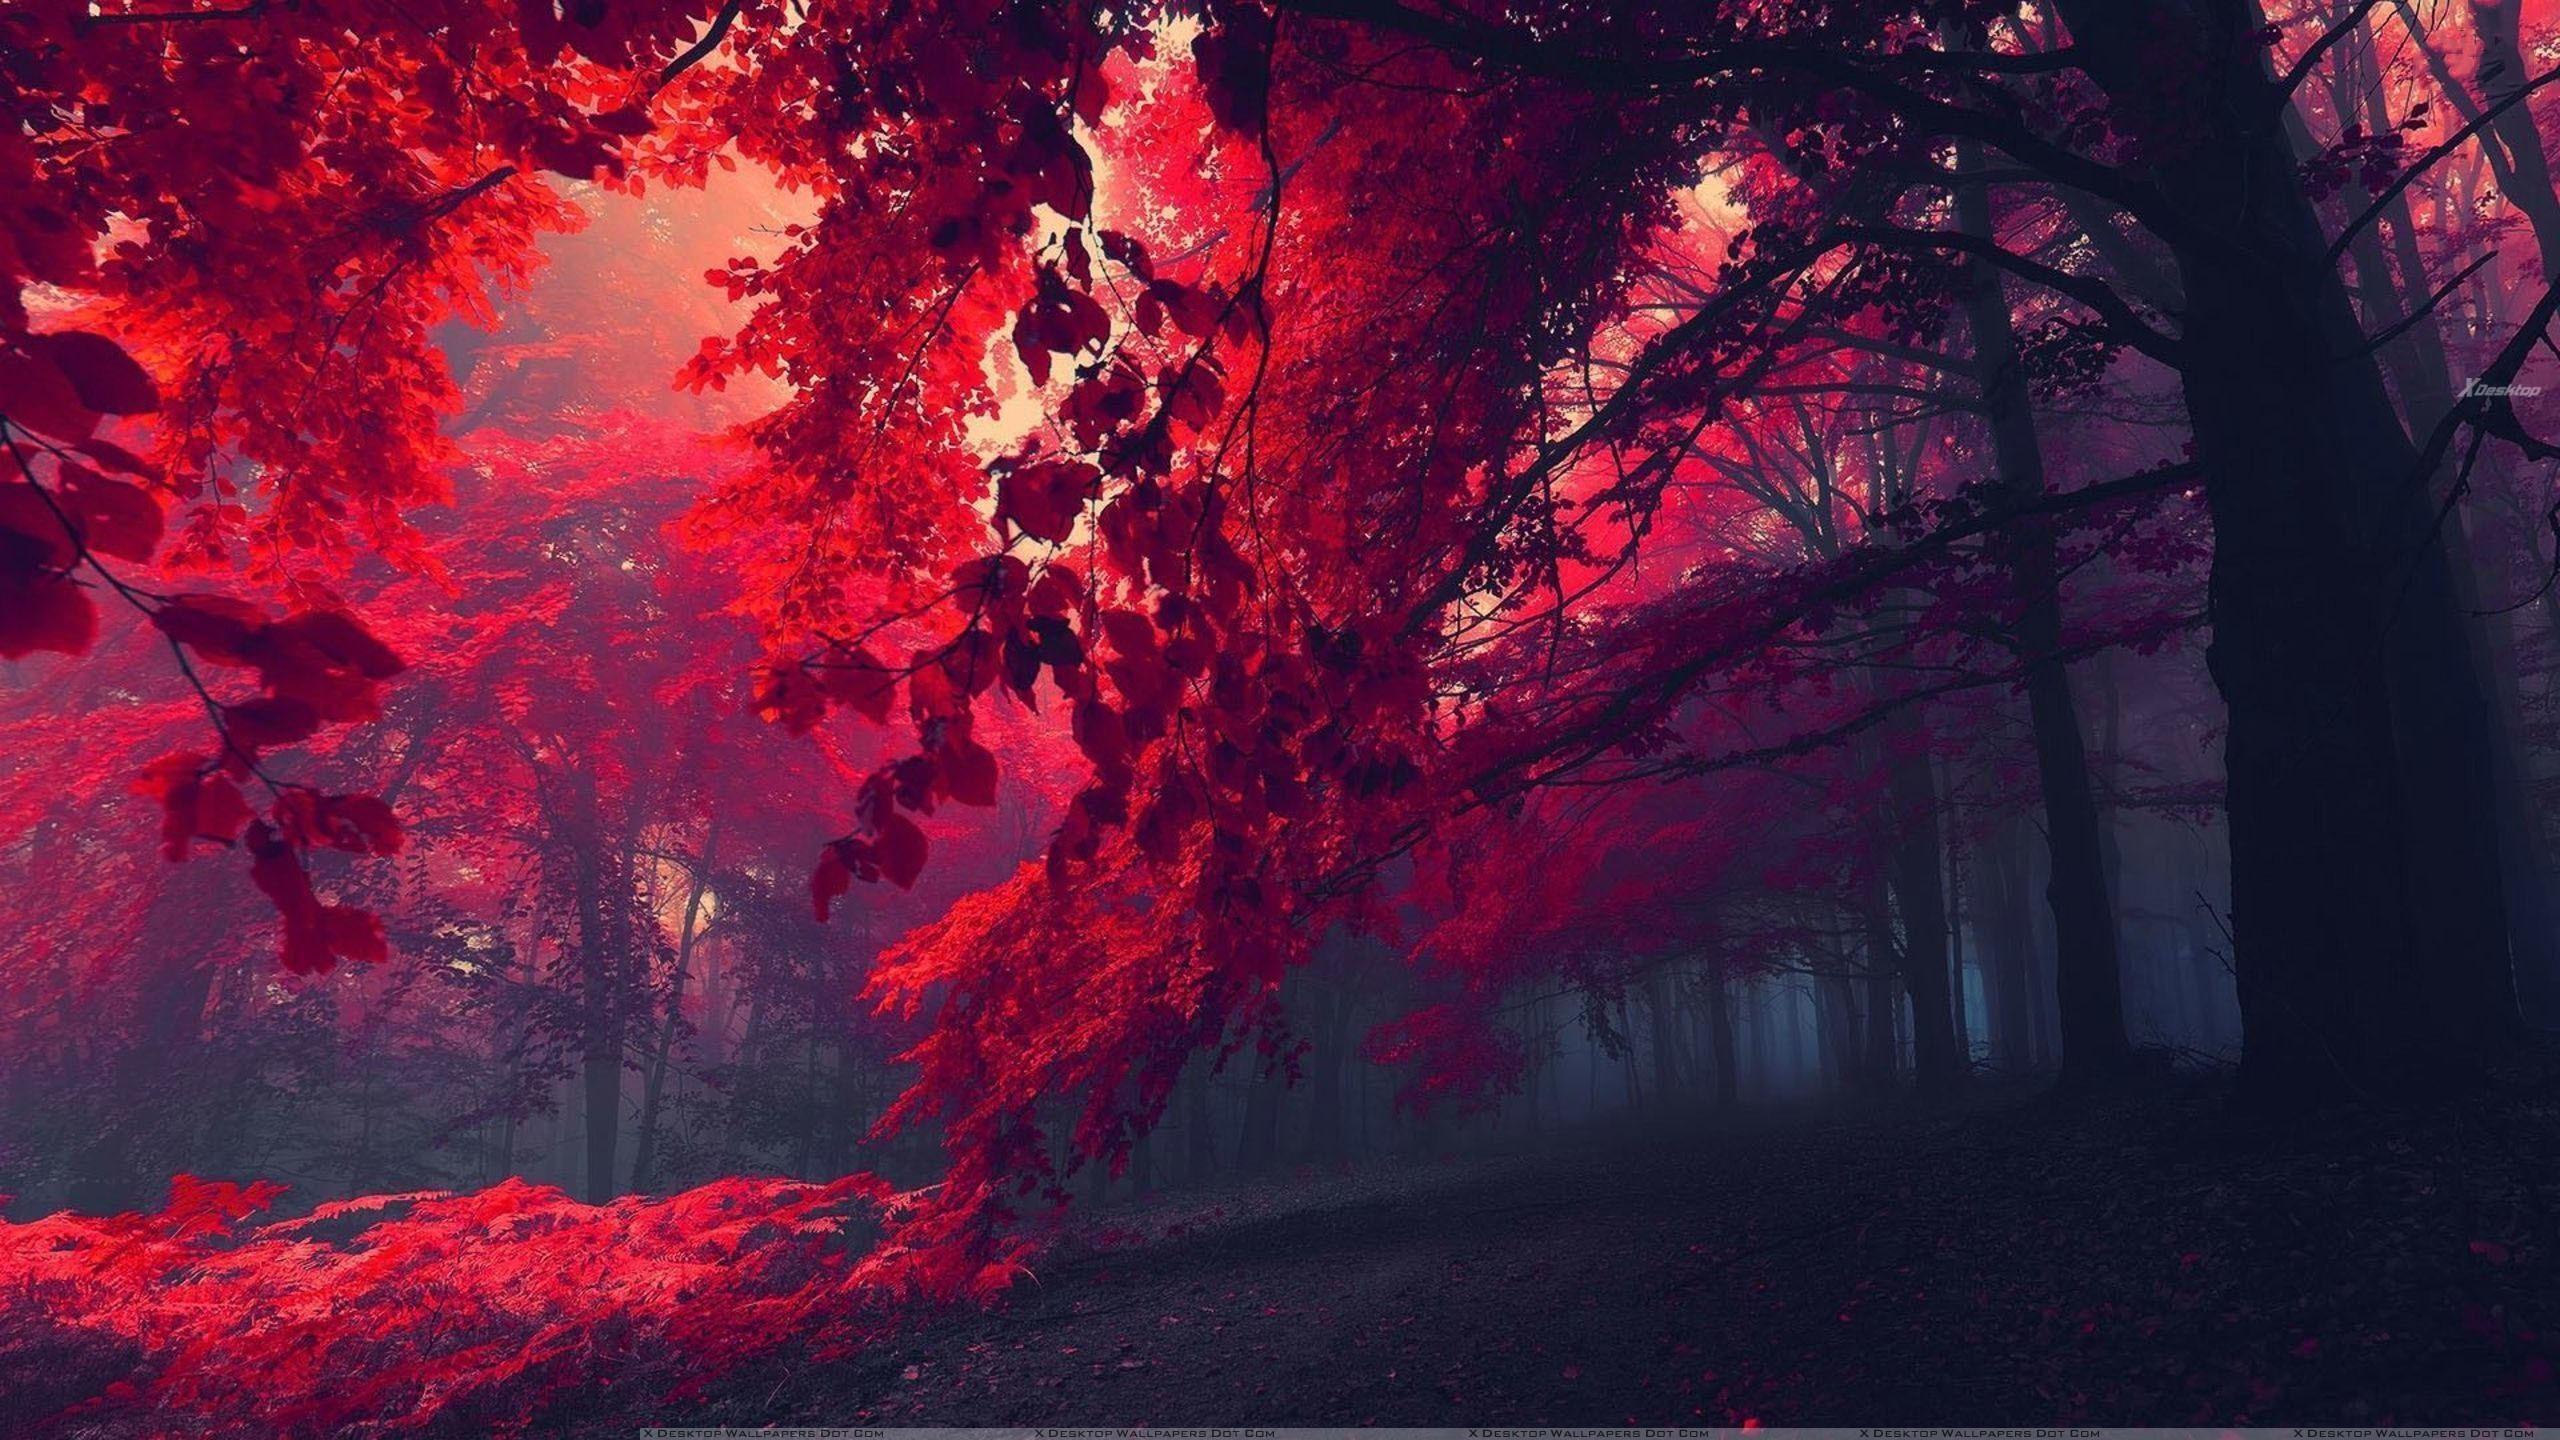 Red forest Nature desktop wallpaper, Forest wallpaper, Tree wallpaper –  Nature no.